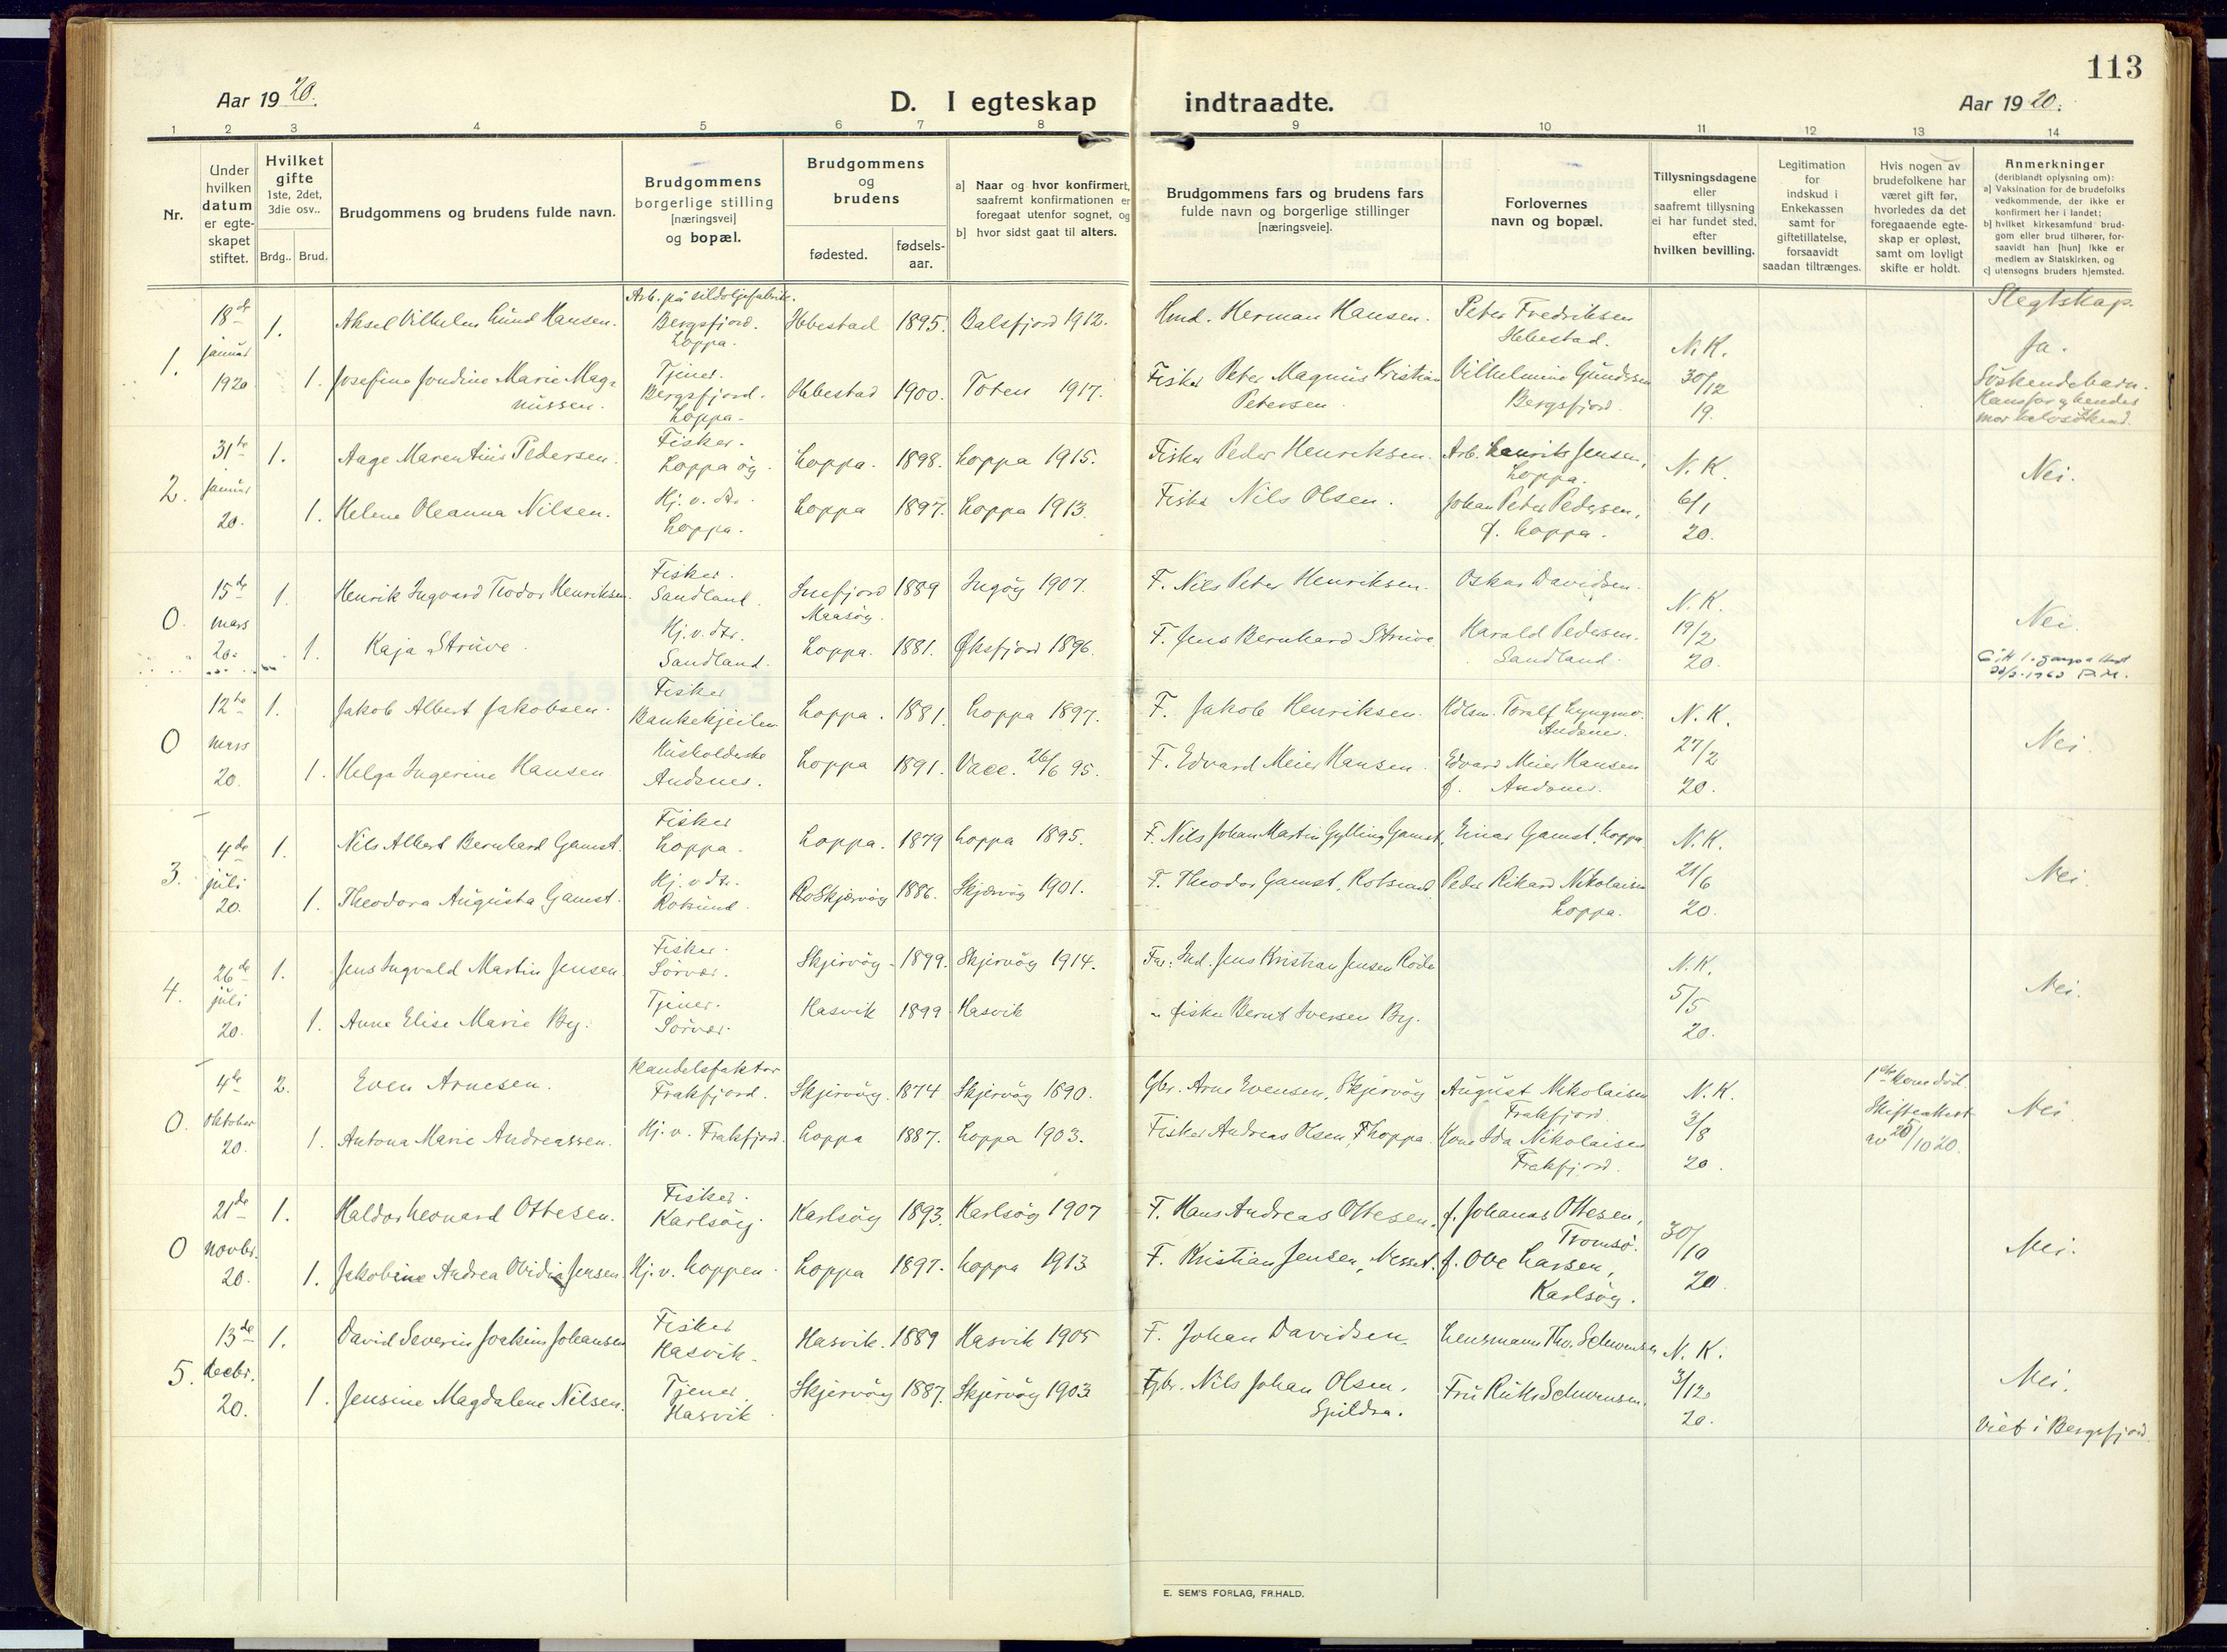 SATØ, Loppa sokneprestkontor, H/Ha/L0013kirke: Ministerialbok nr. 13, 1920-1932, s. 113